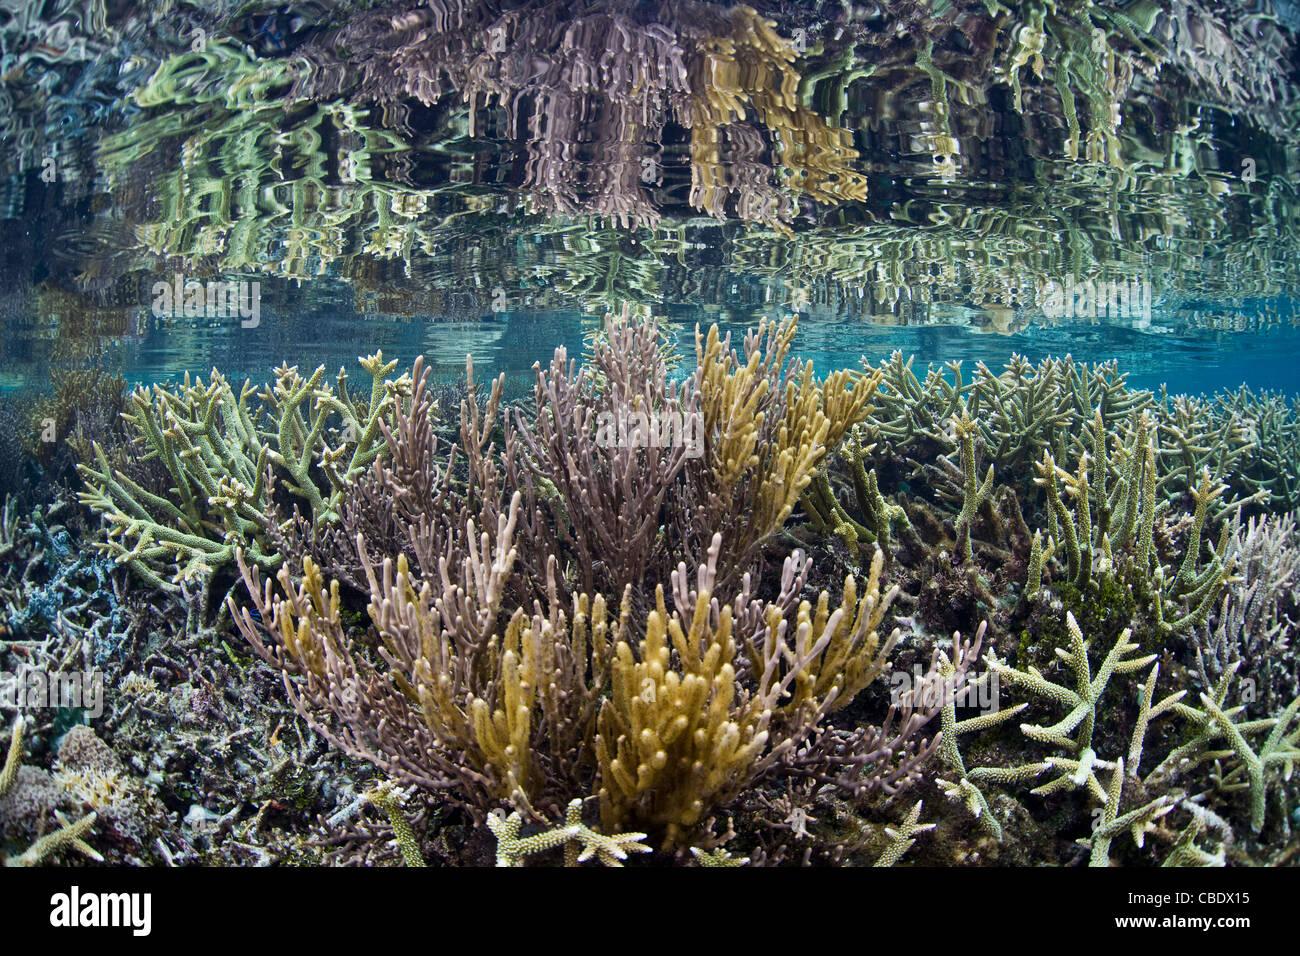 Los corales Staghorn, Acropora spp., competir con el rápido crecimiento gorgonias de espacio en un arrecife Imagen De Stock